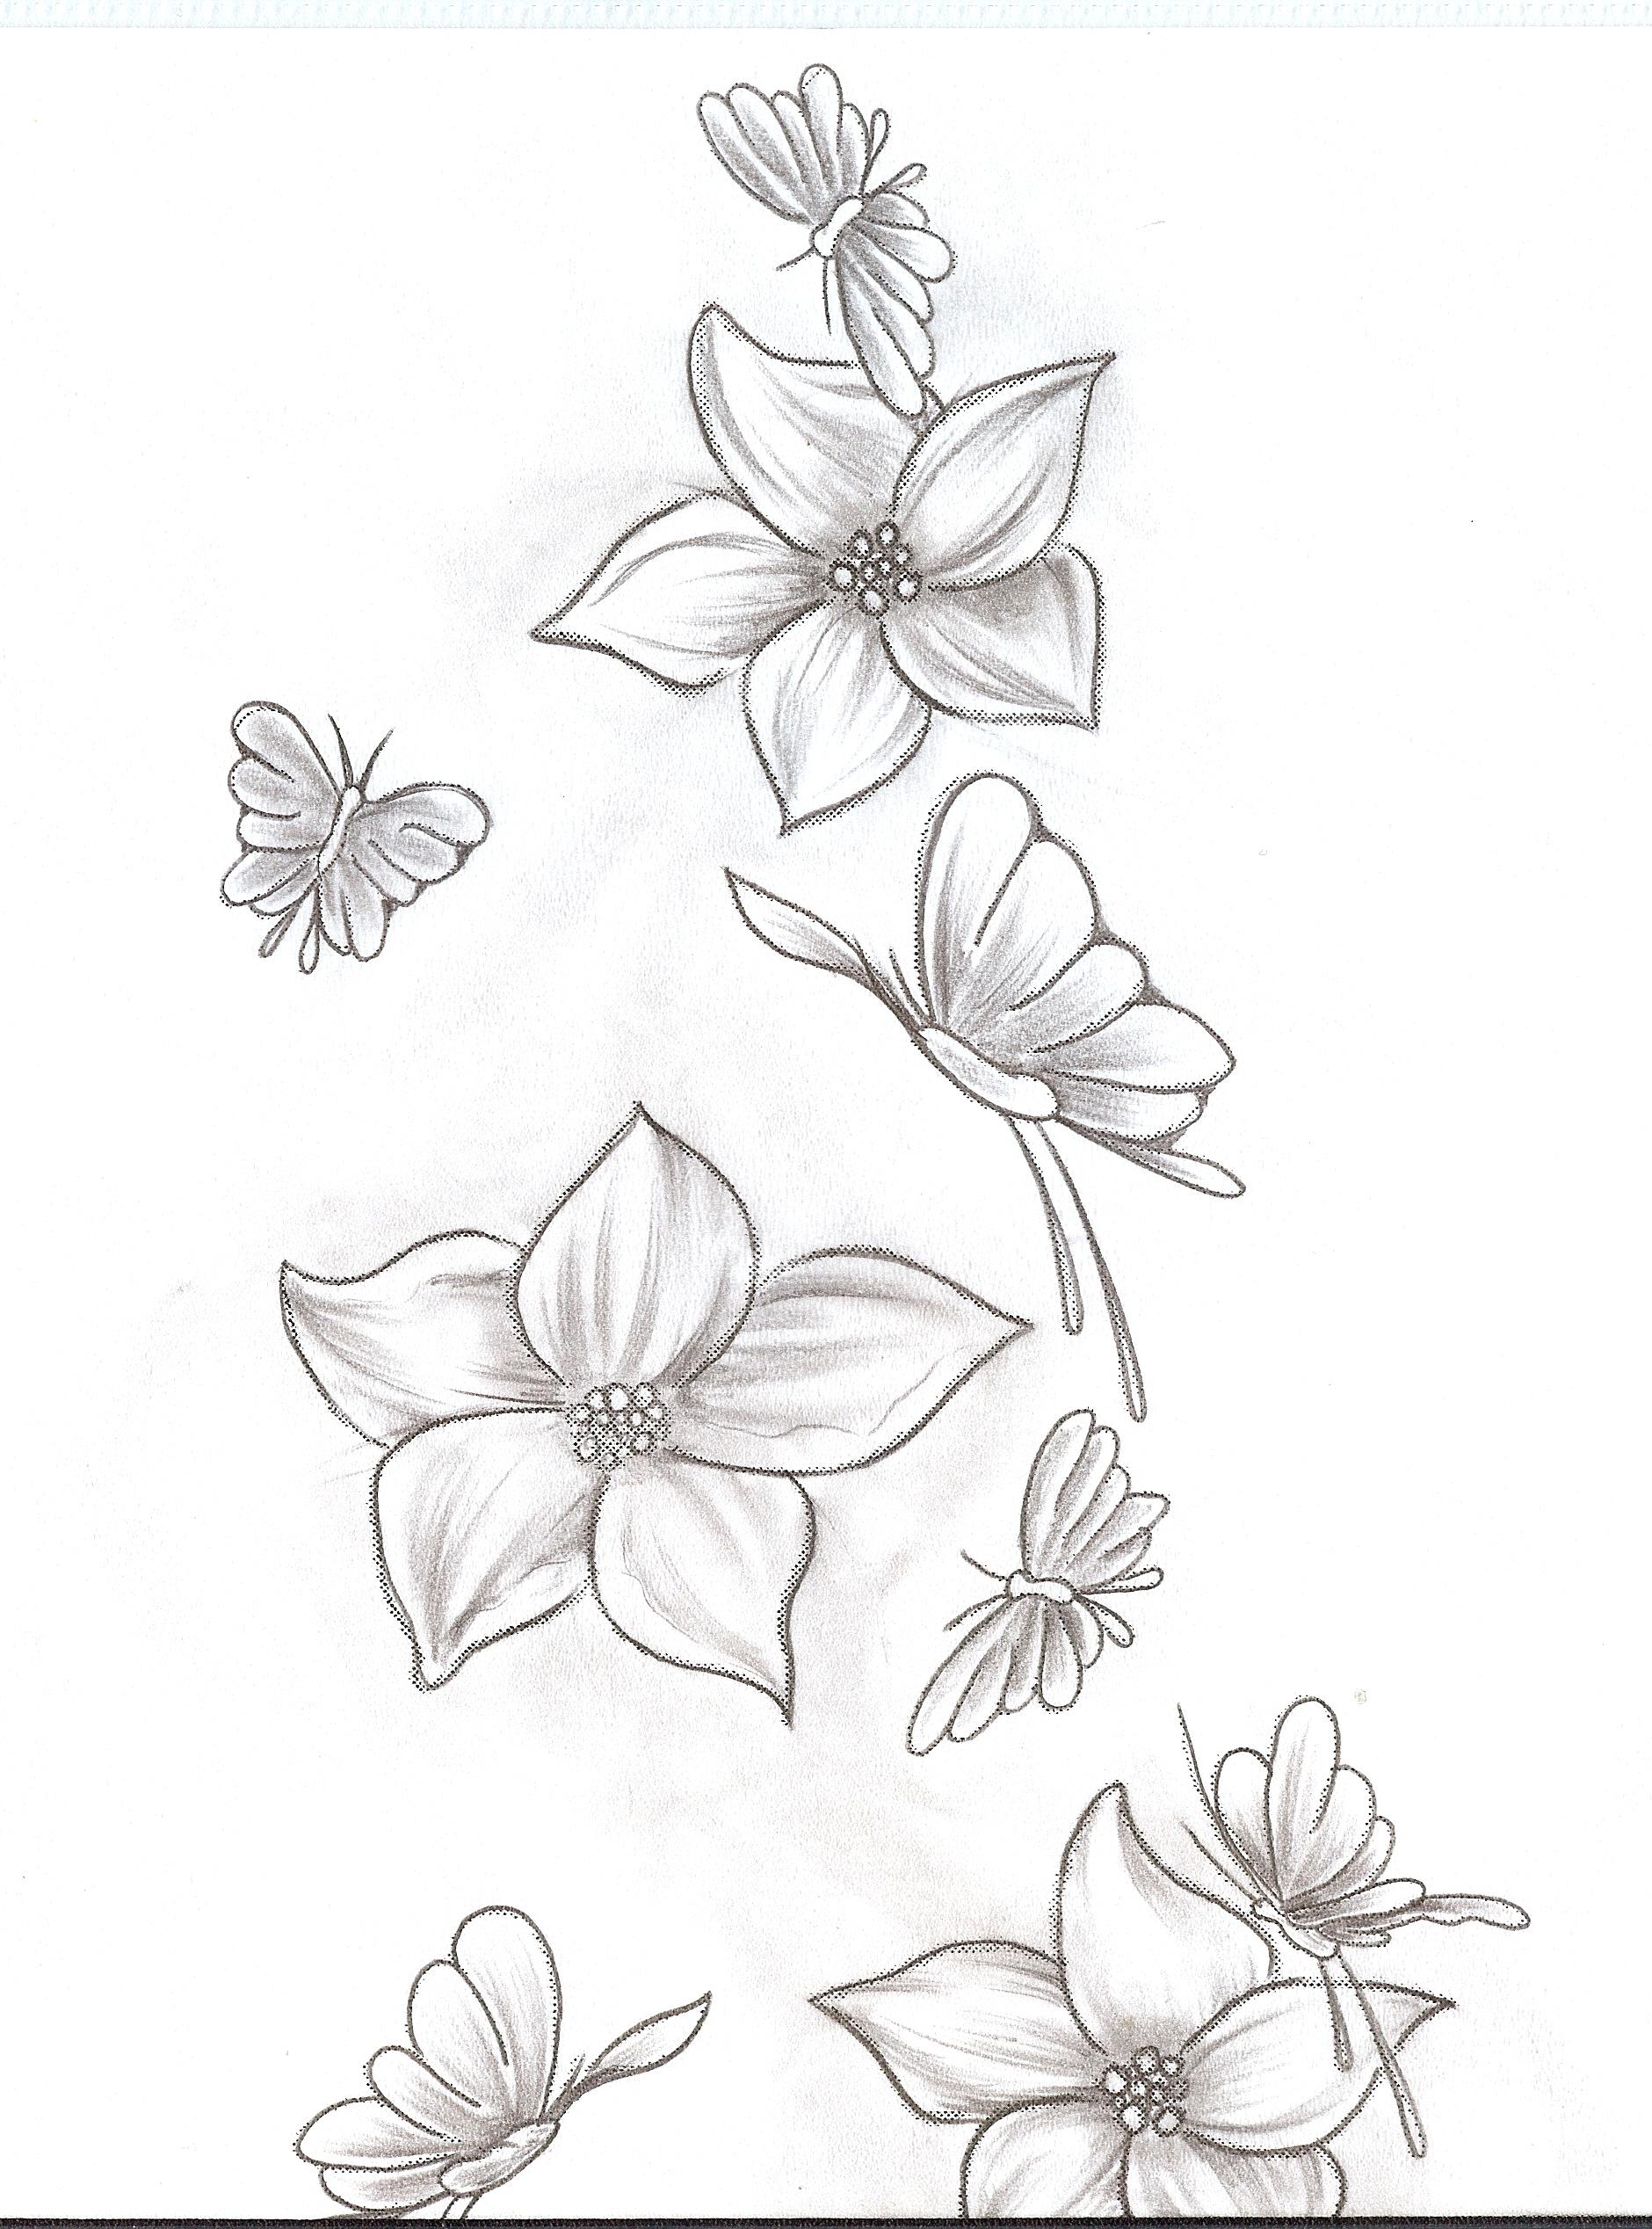 Tattoo Flowers Butterfly 1-2